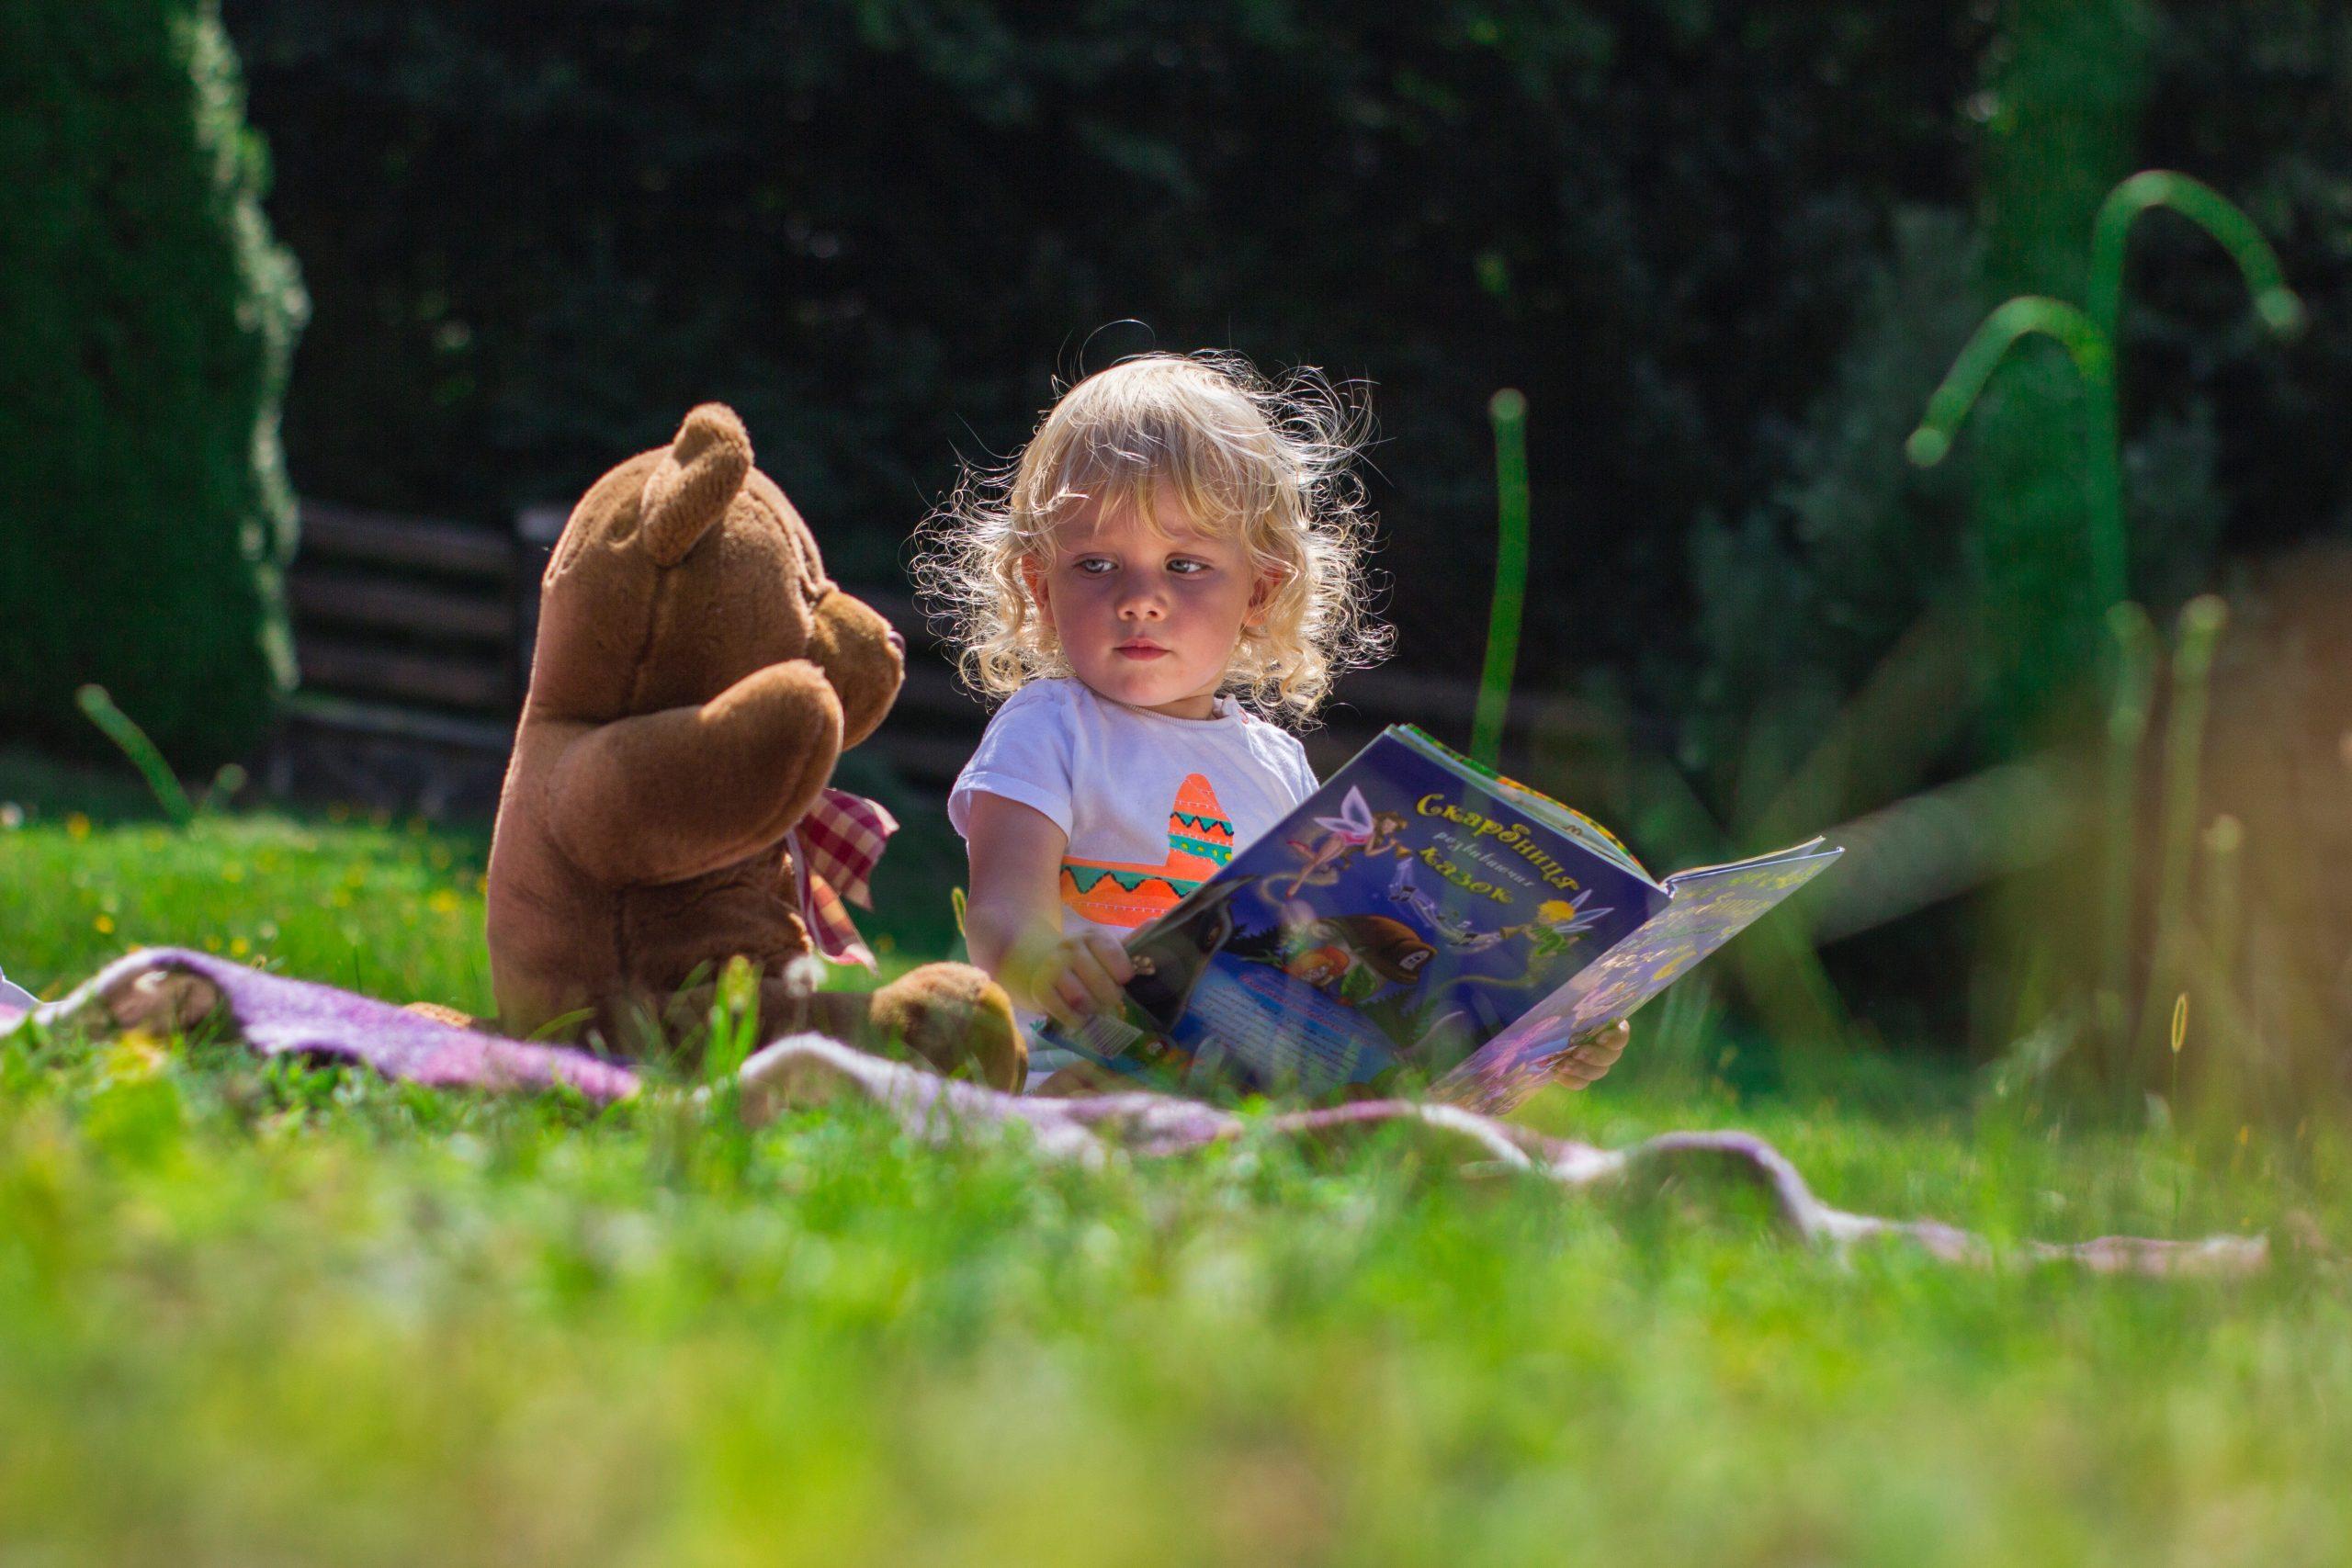 girl-sitting-beside-a-teddy-bear-2803979 copy